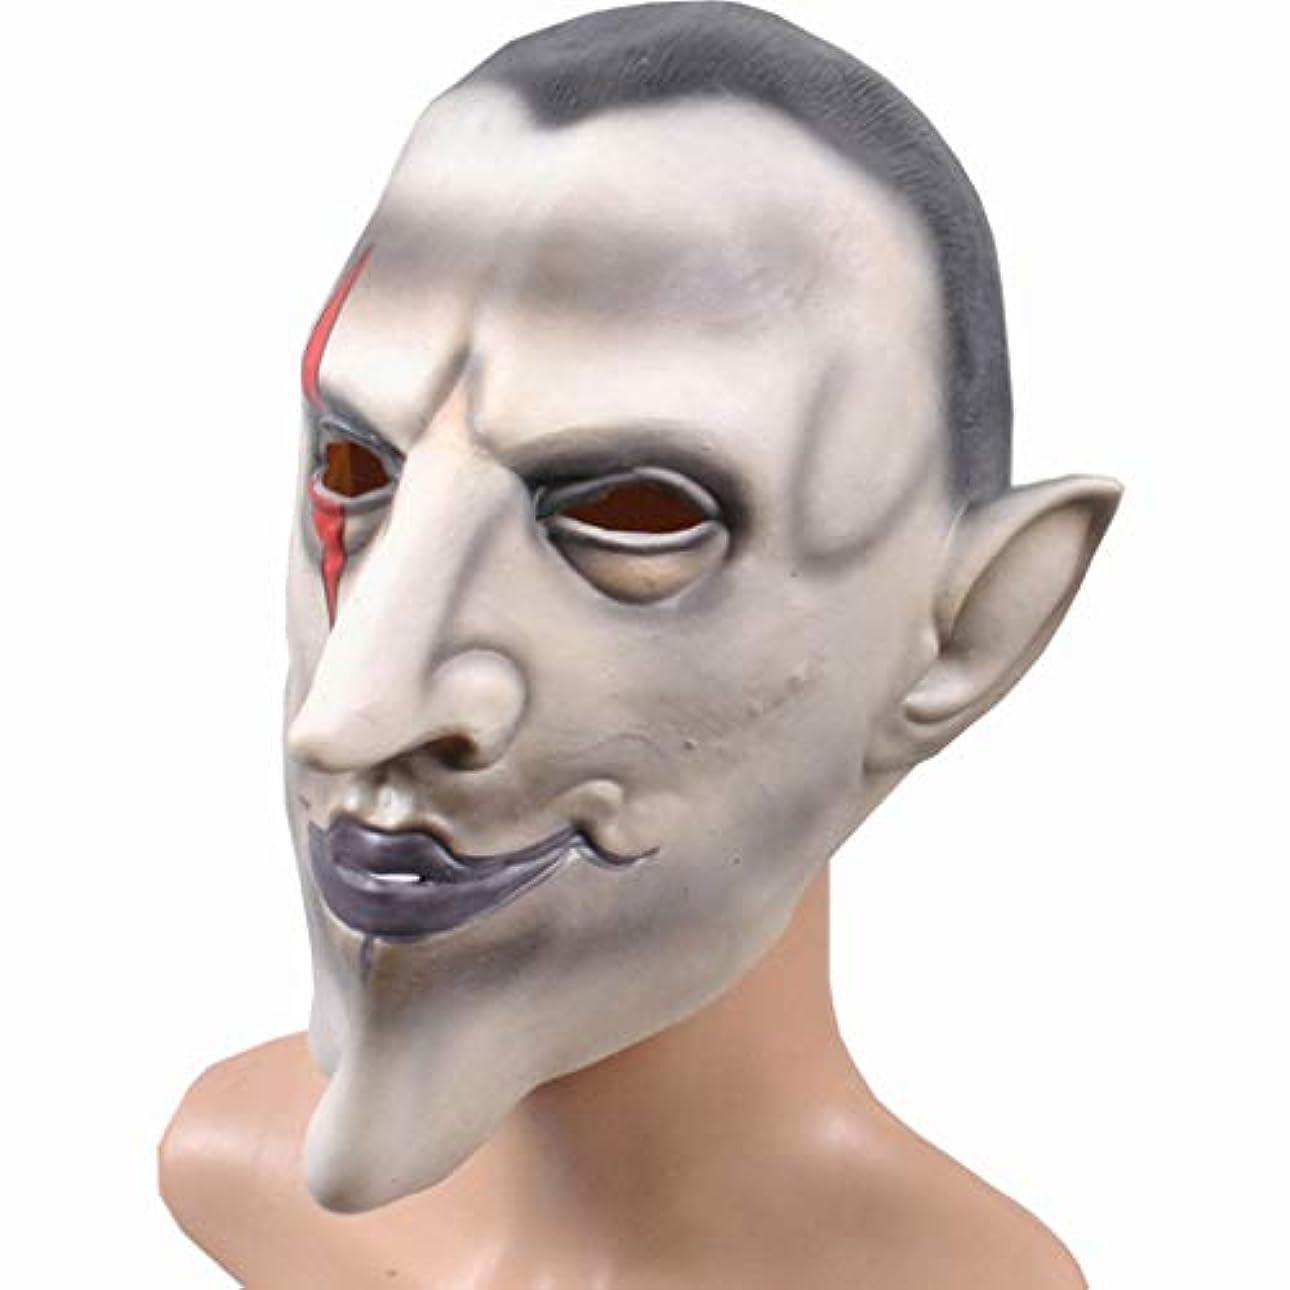 代わりに擁する固体ハロウィーンマスク仮面舞踏会ホラーしかめっ面Whole Manホラー地獄男性アールラテックスヘッドギア